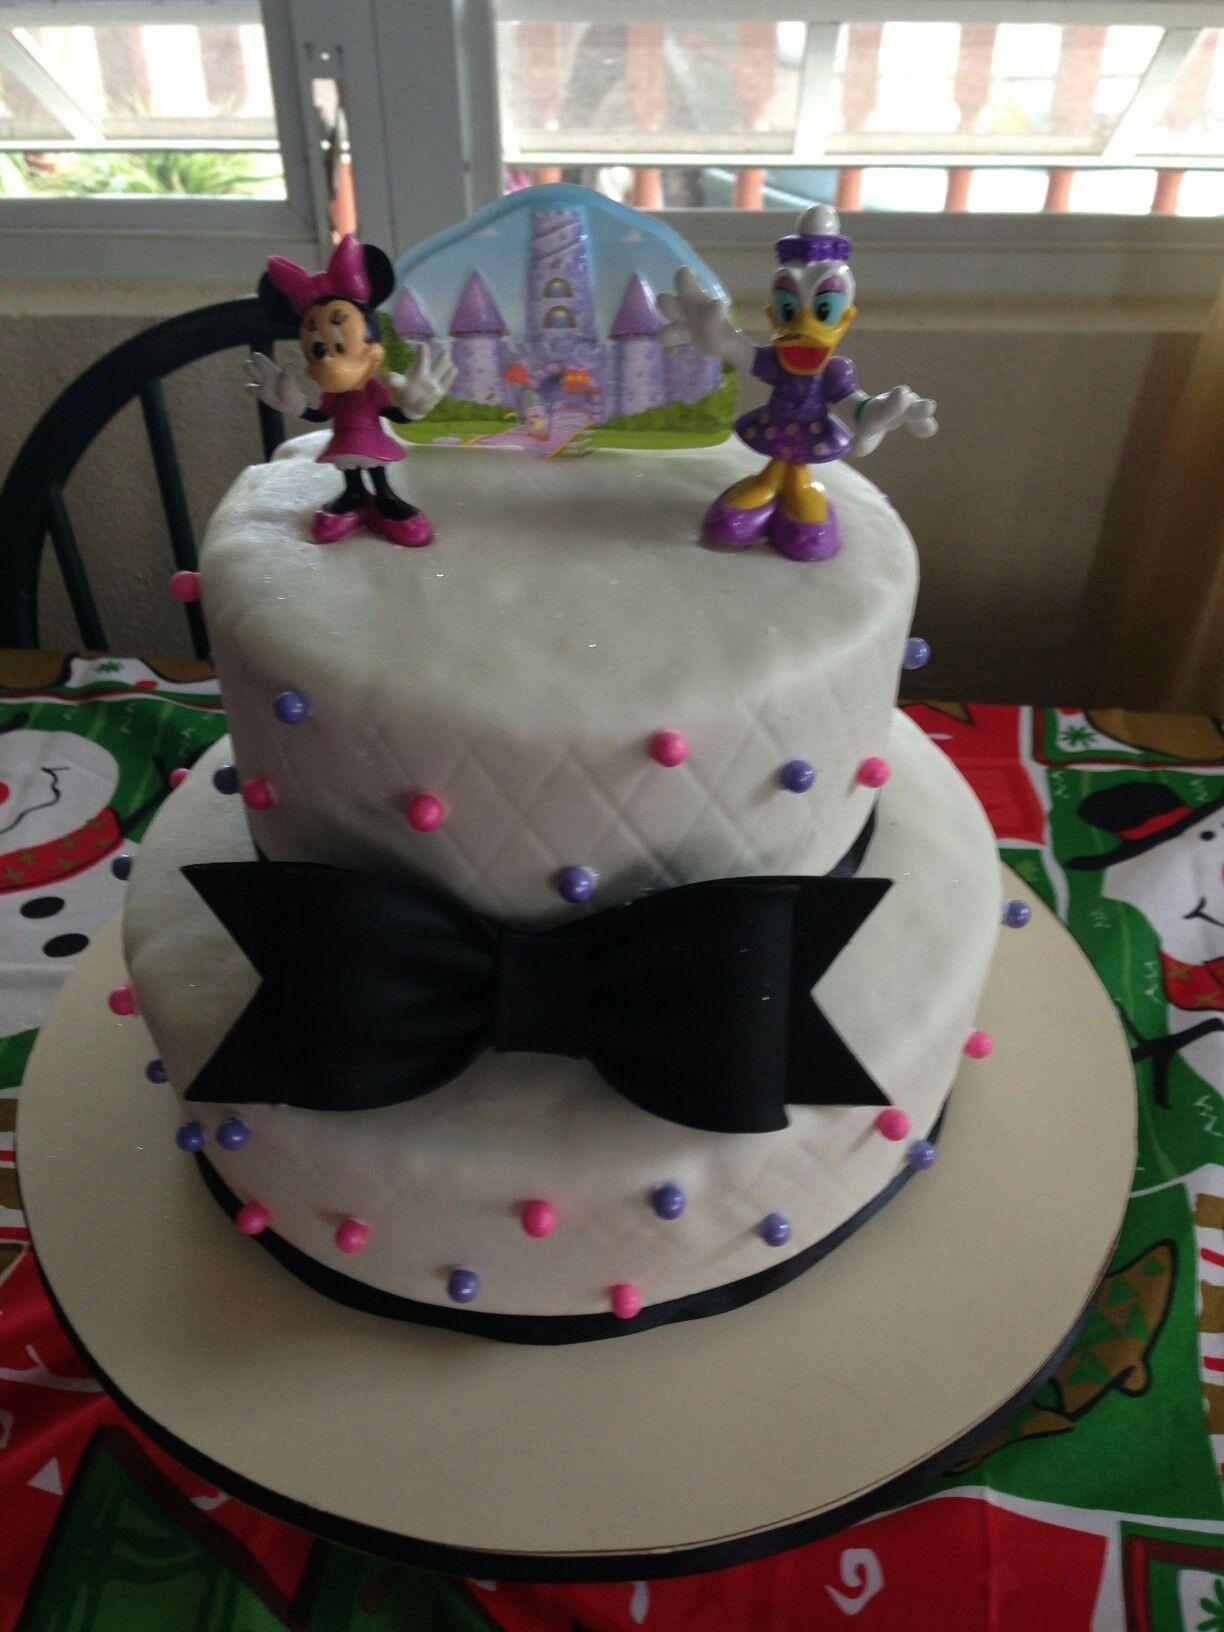 Sheilita sweetcake